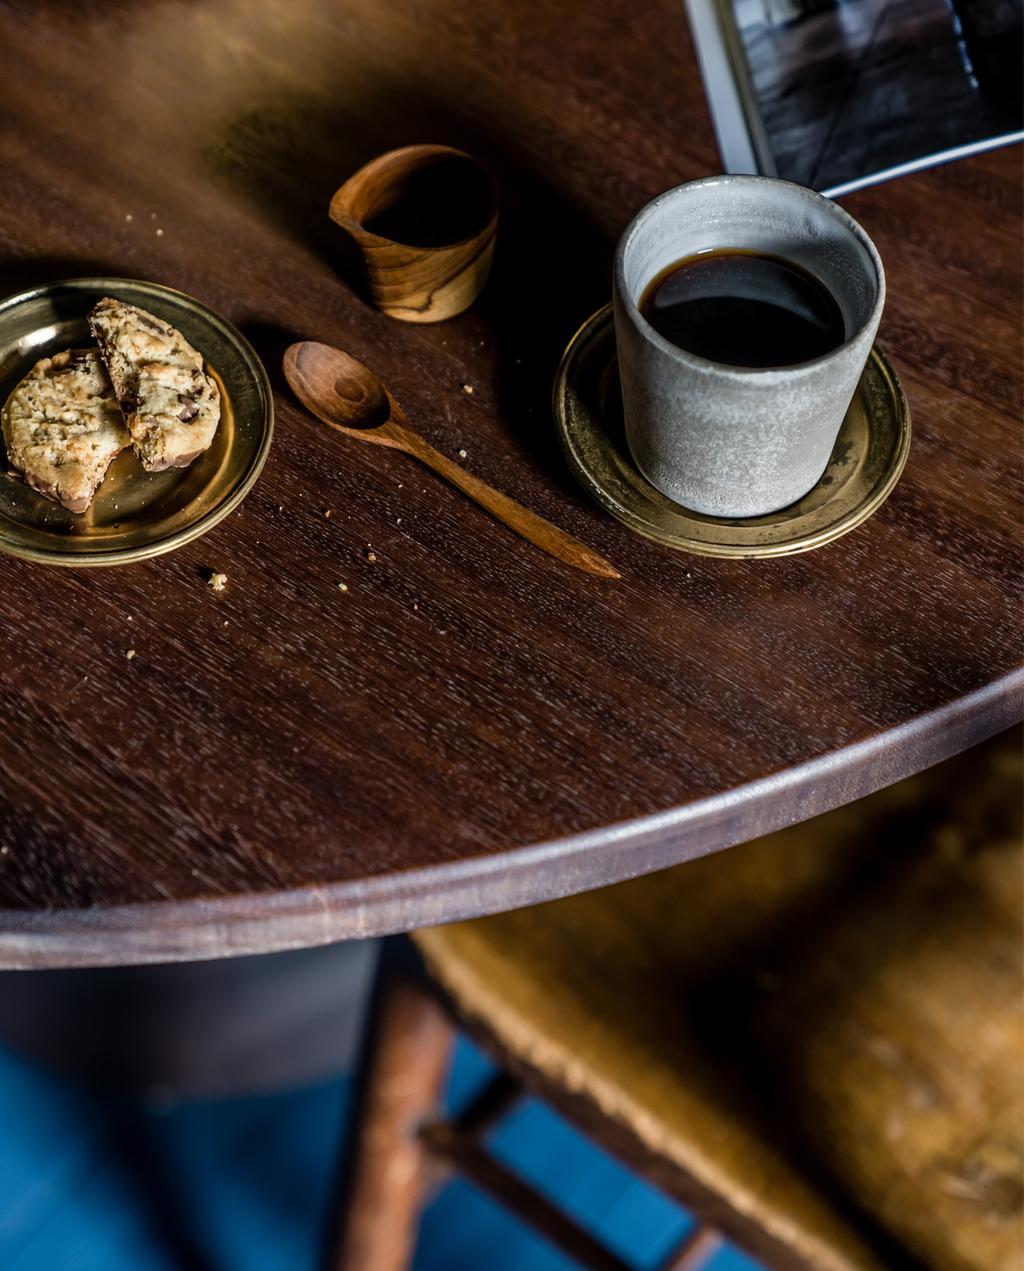 vtwonen | binnenkijken | Edinburgh | koffie